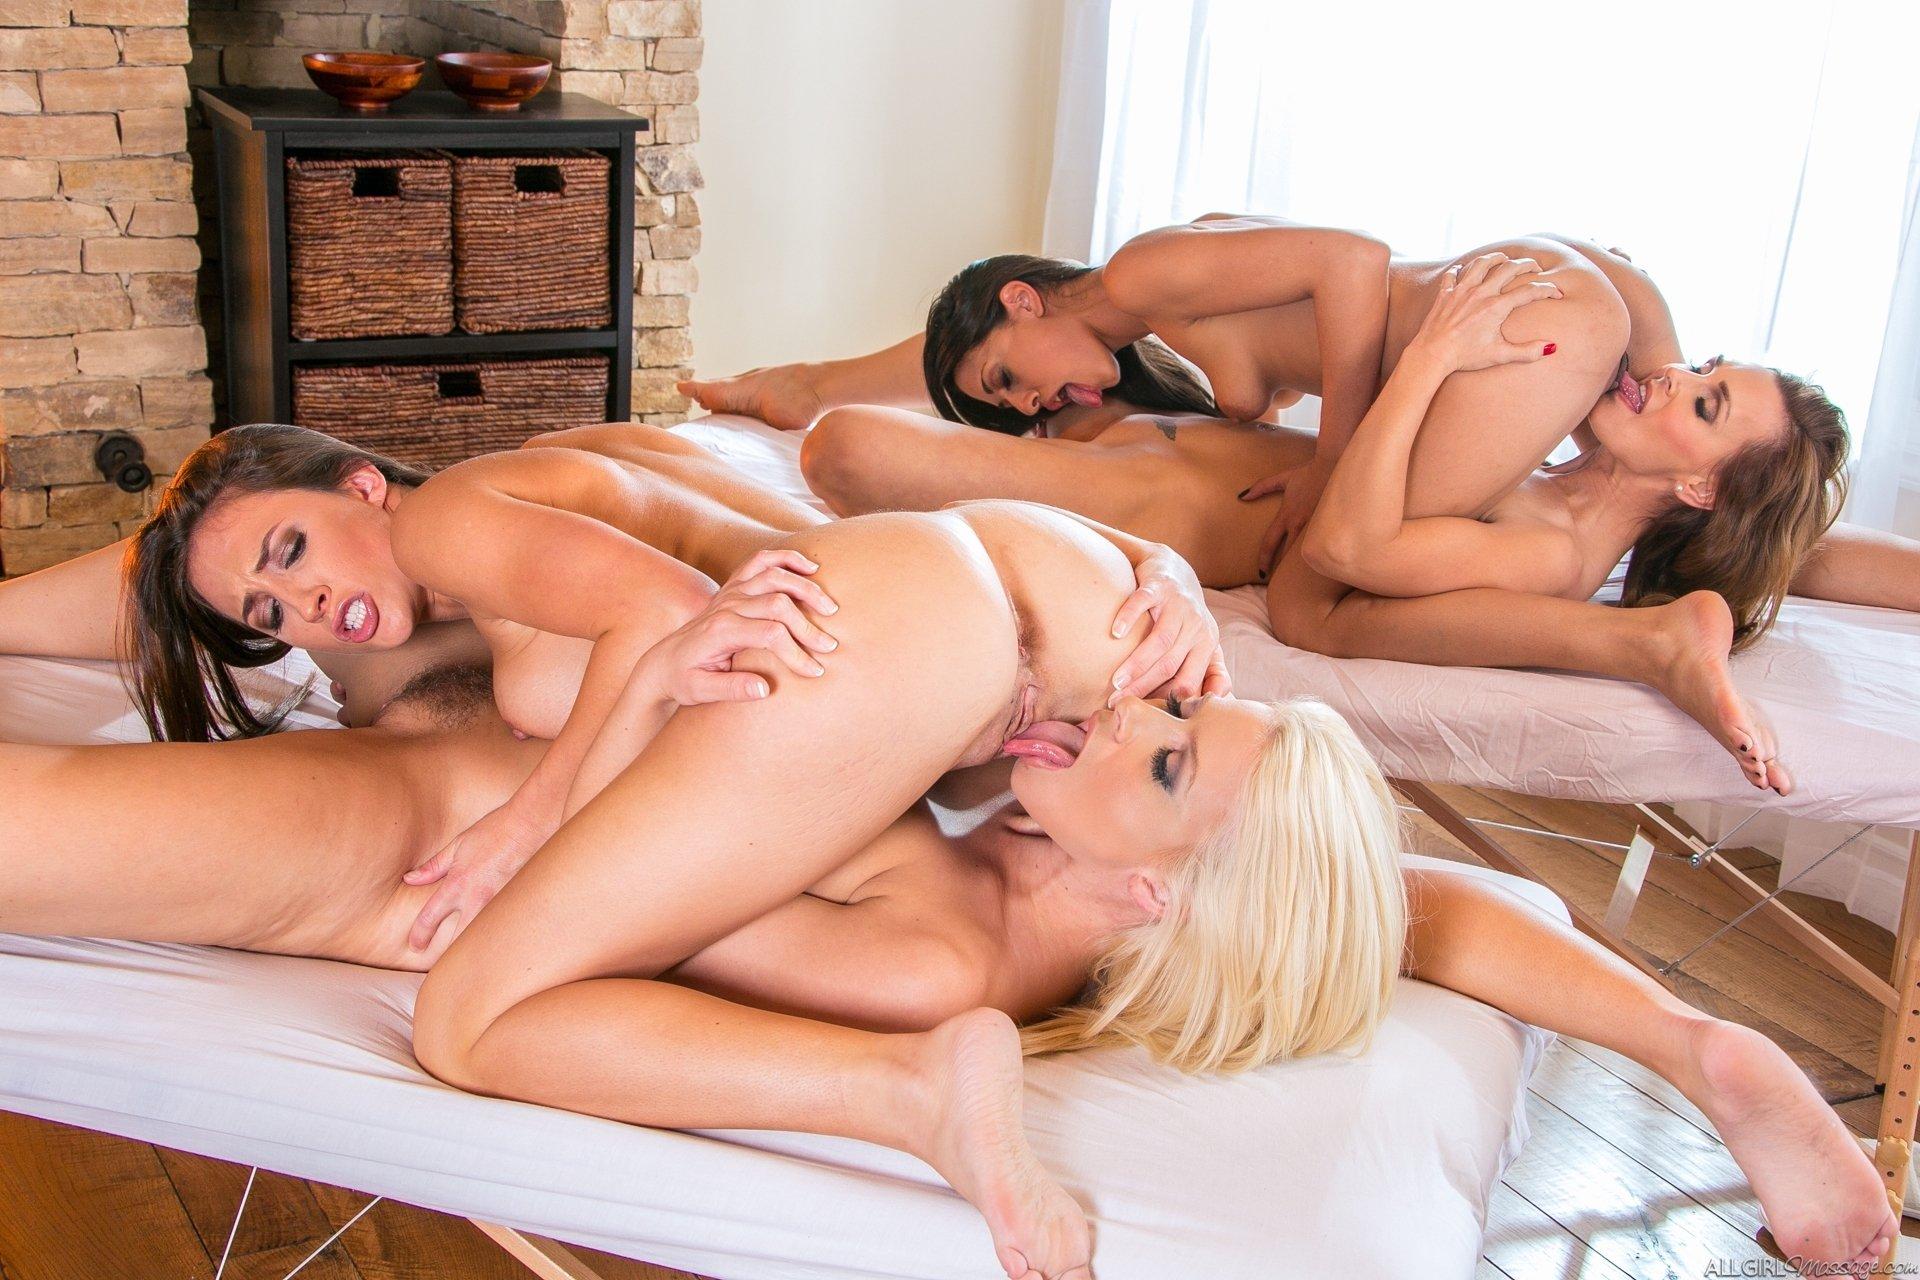 Развратные красотки возбудили мужика лесбийским шоу порно фото бесплатно